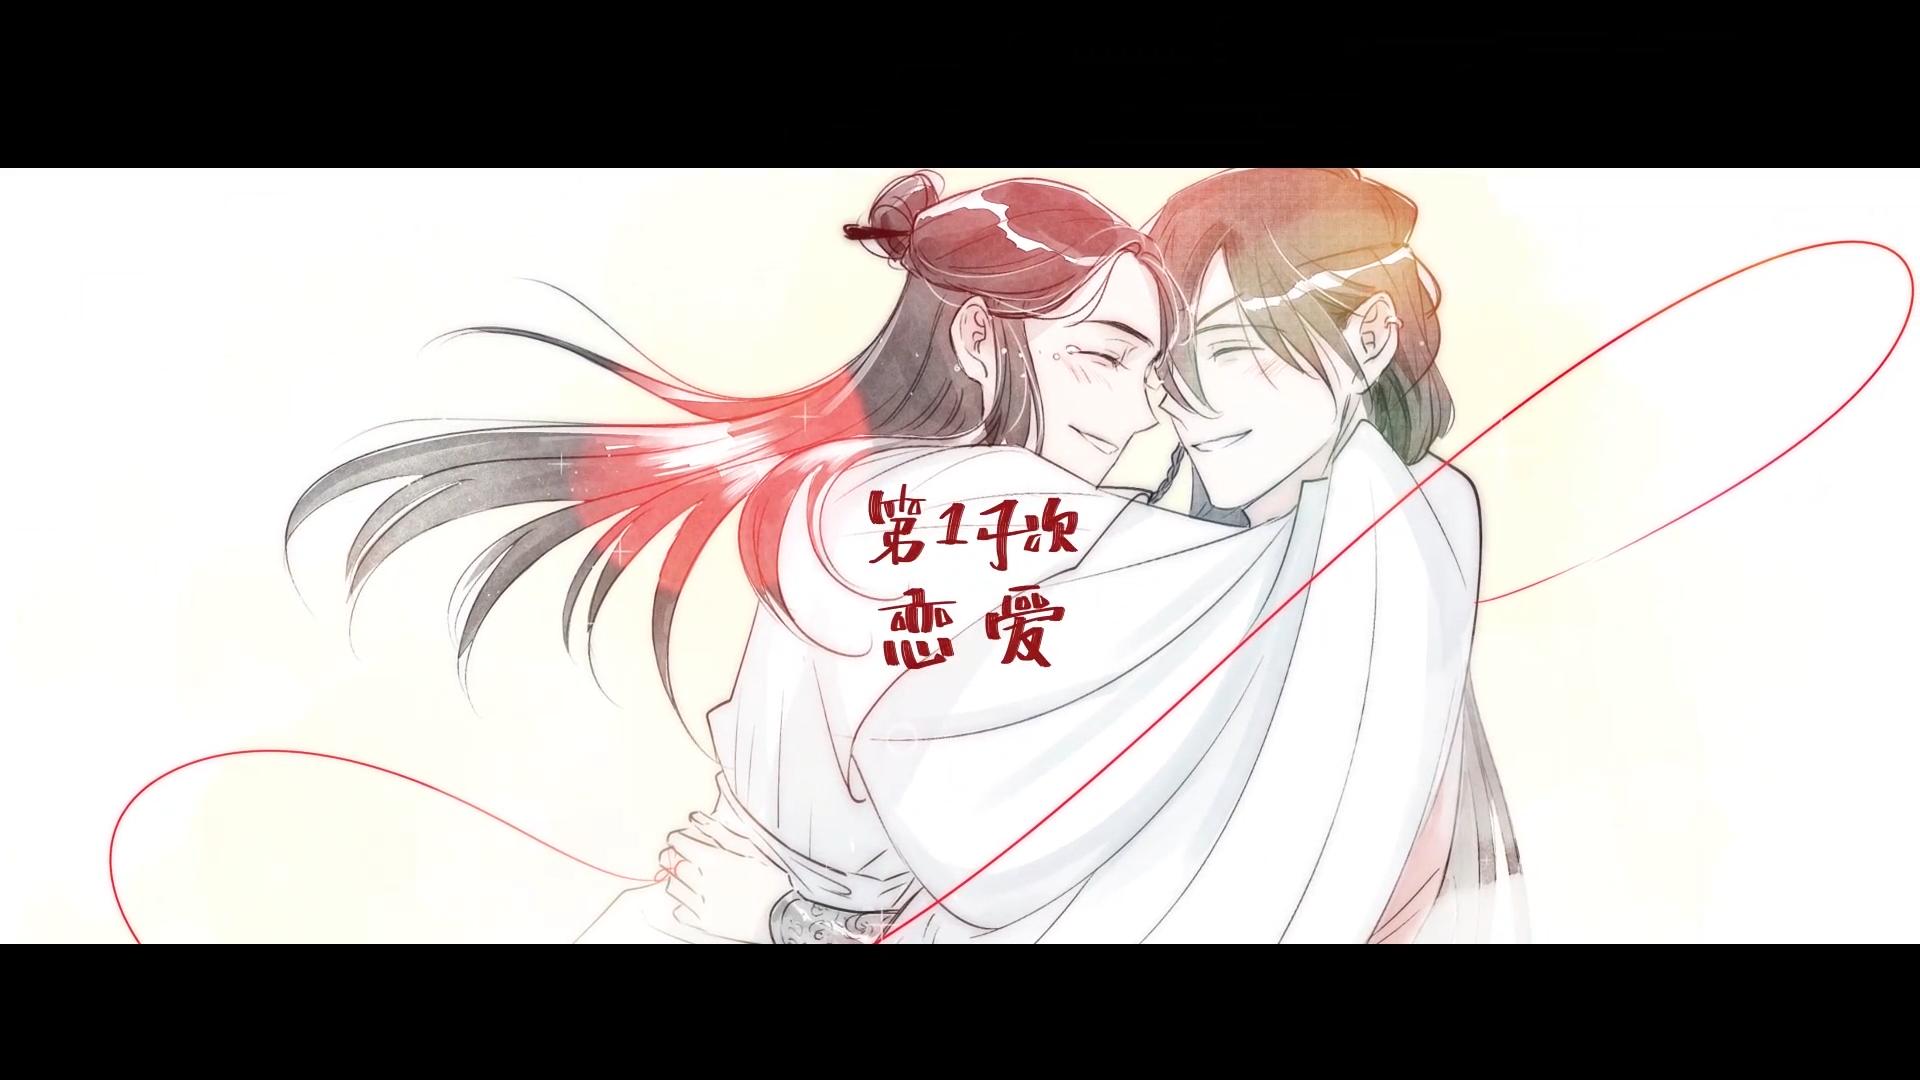 第一千次恋爱(cover:李蚊香) - 千玖夜 - 单曲 - 网易